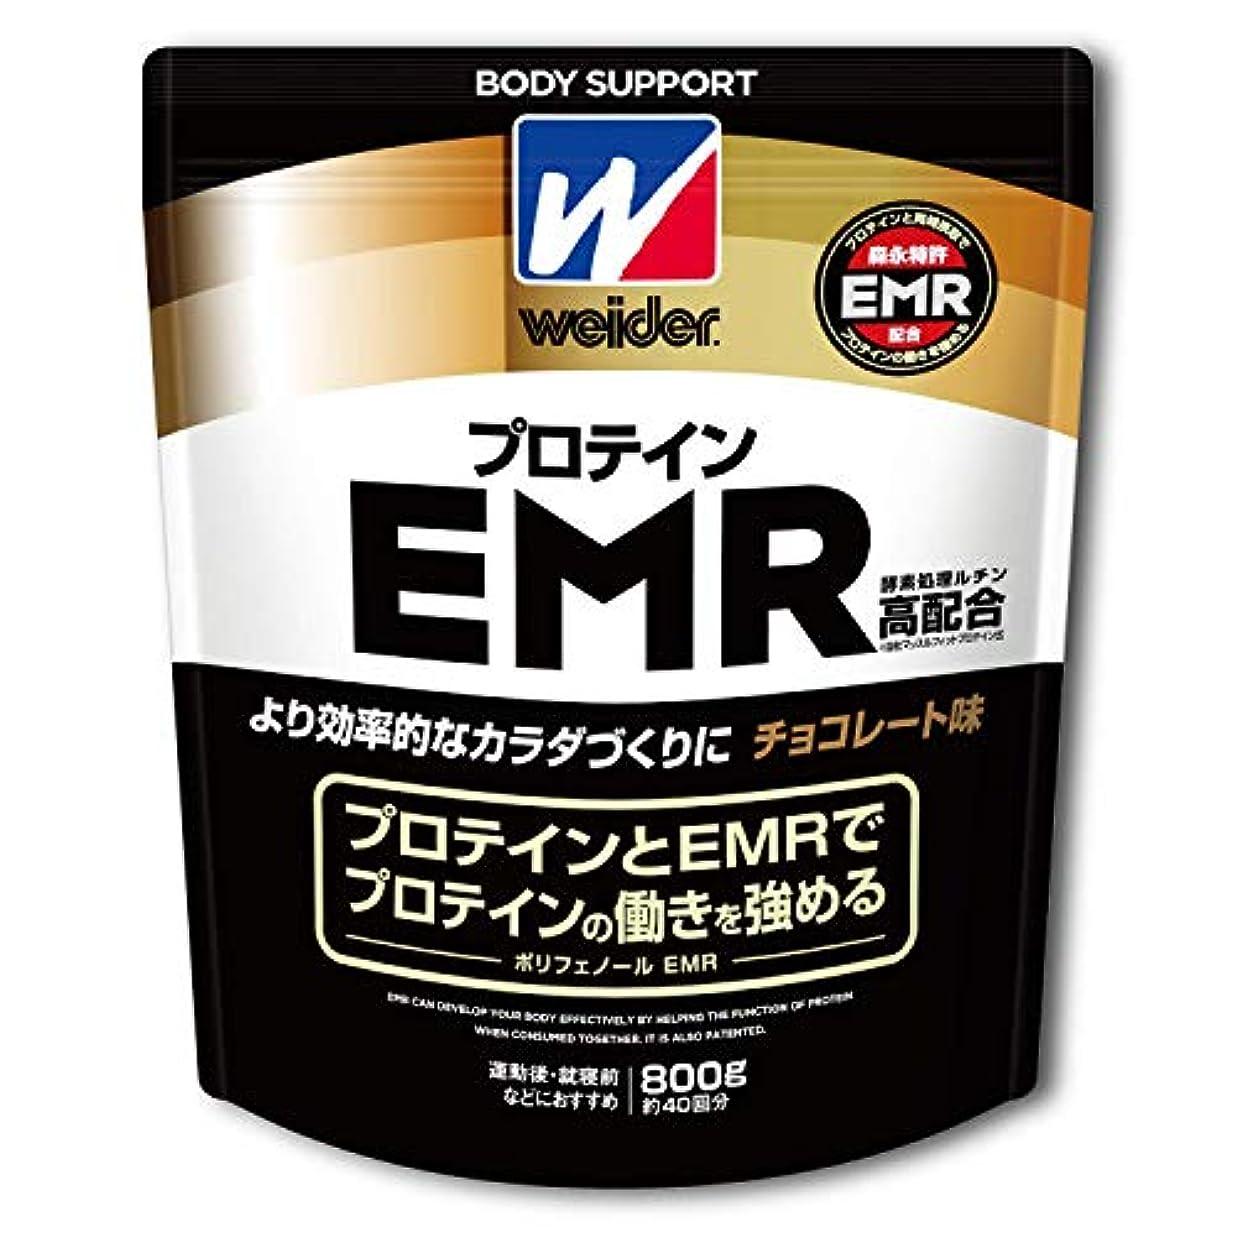 ワーカーおもちゃ農民BODY SUPPORT W ウイダー EMR高配合プロテイン チョコレート味 800g (約40回分) ホエイプロテイン 酵素処理ルチンEMR高配合 [Amazon限定ブランド]